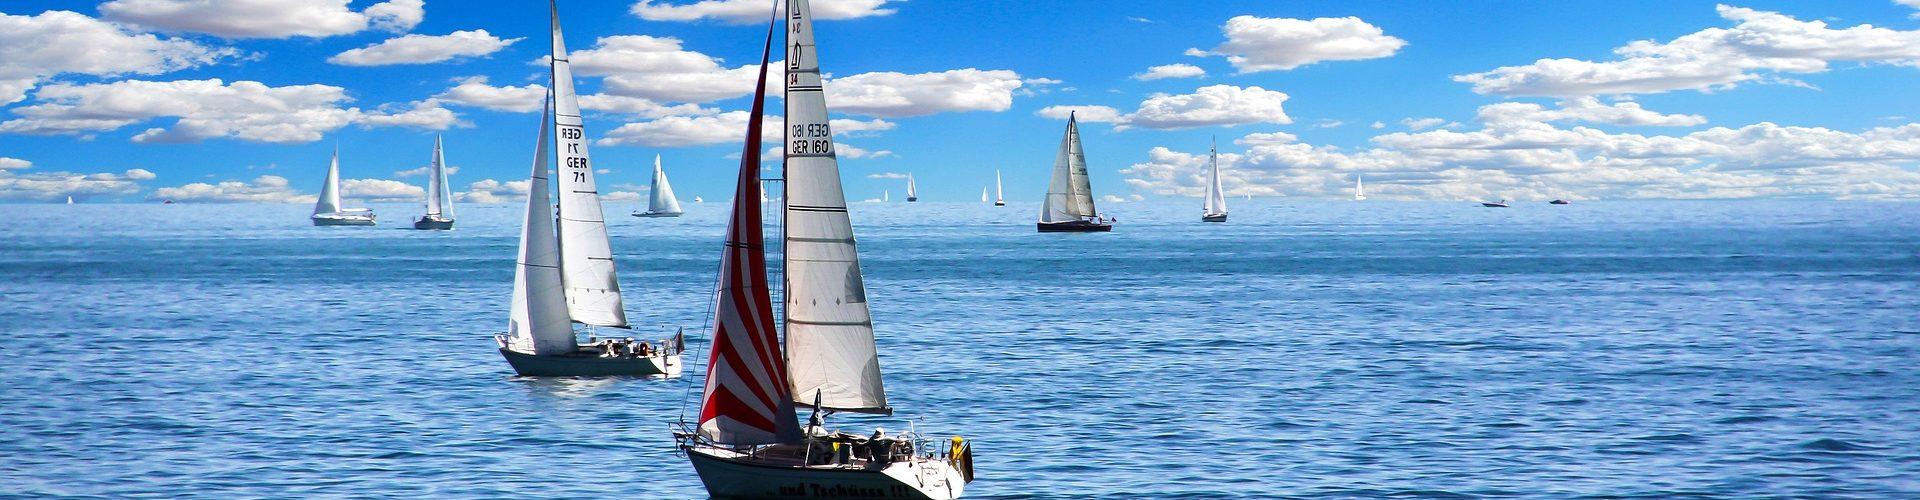 segeln lernen in Radebeul segelschein machen in Radebeul 1920x500 - Segeln lernen in Radebeul